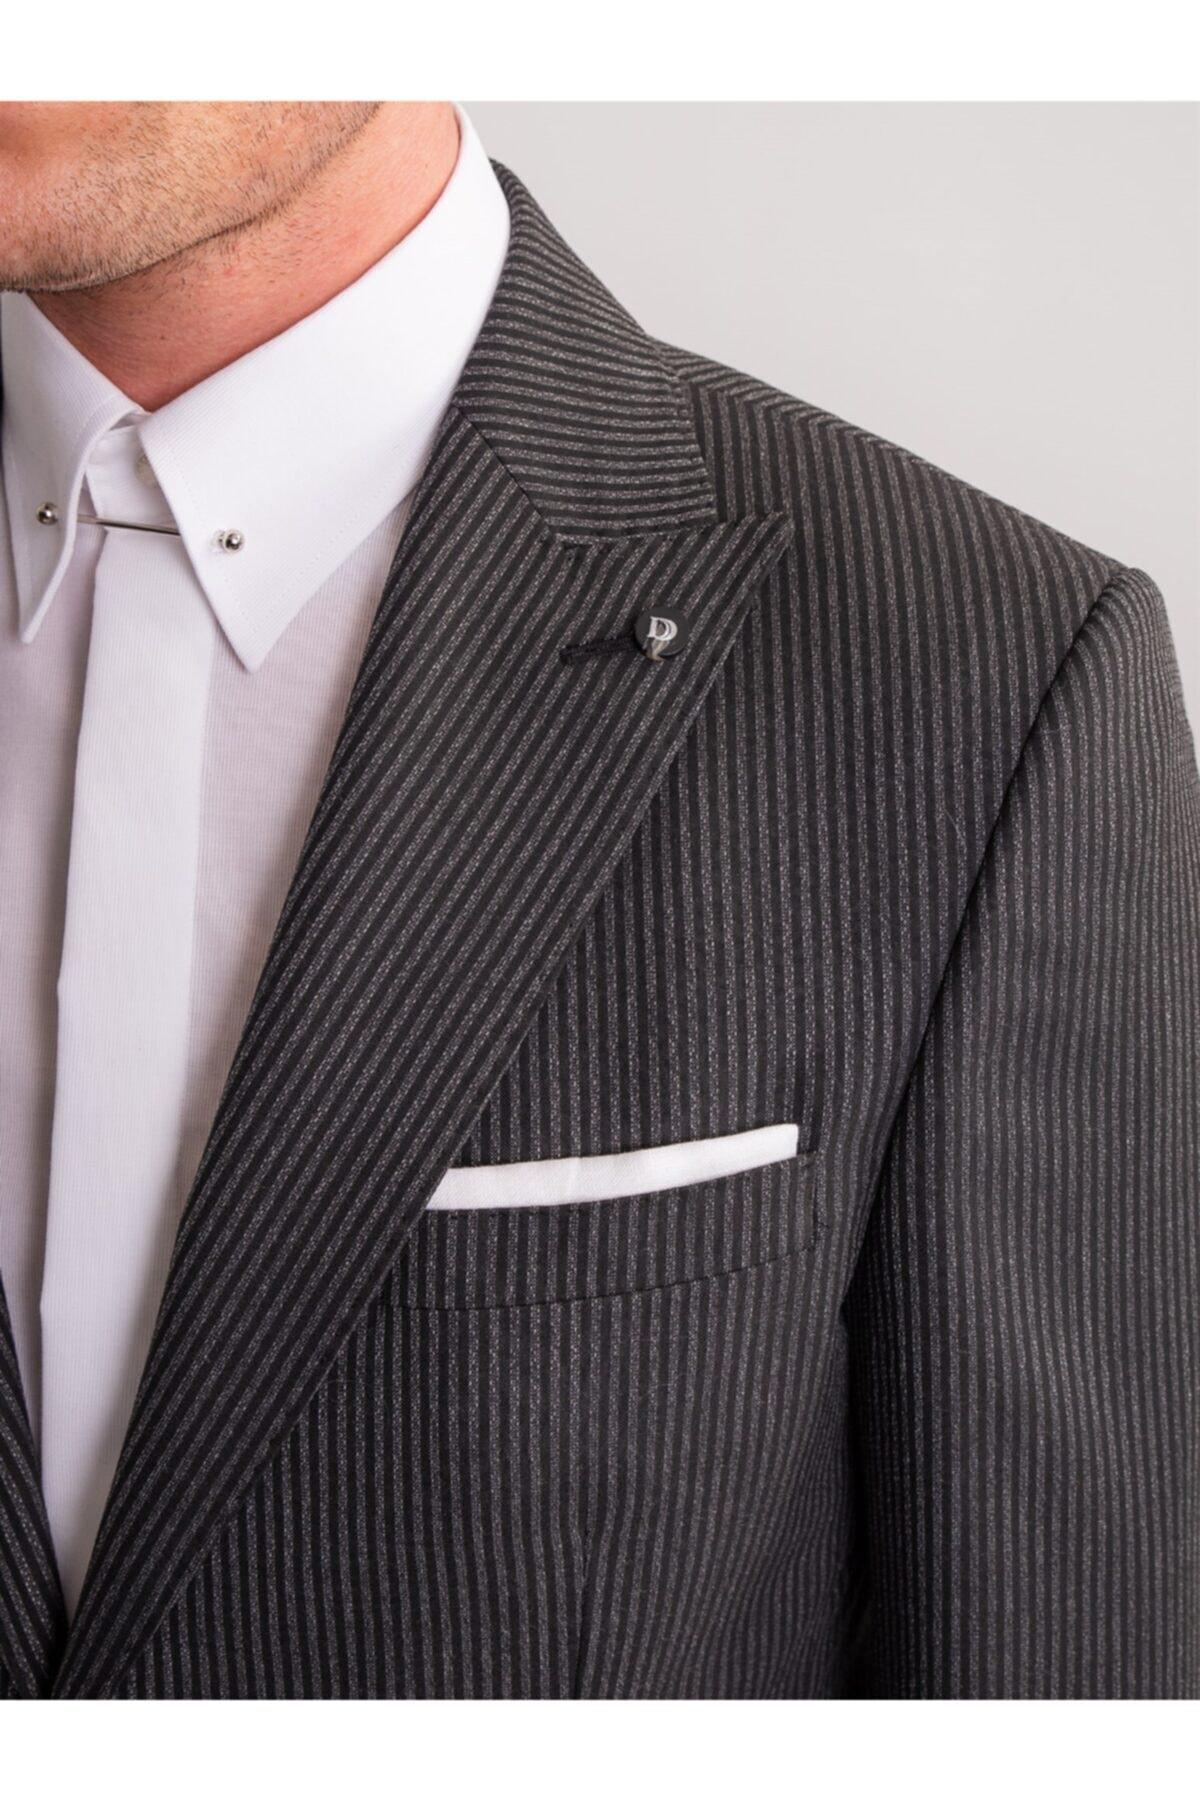 خرید نقدی کت شلوار مردانه فروشگاه اینترنتی برند Dufy رنگ مشکی کد ty47158030